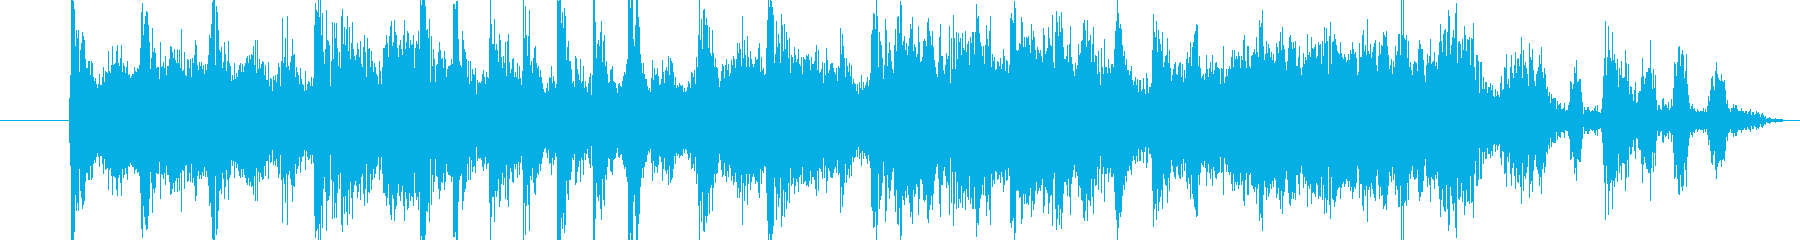 ジングル用BGM(緊急&ピンチ!)の再生済みの波形